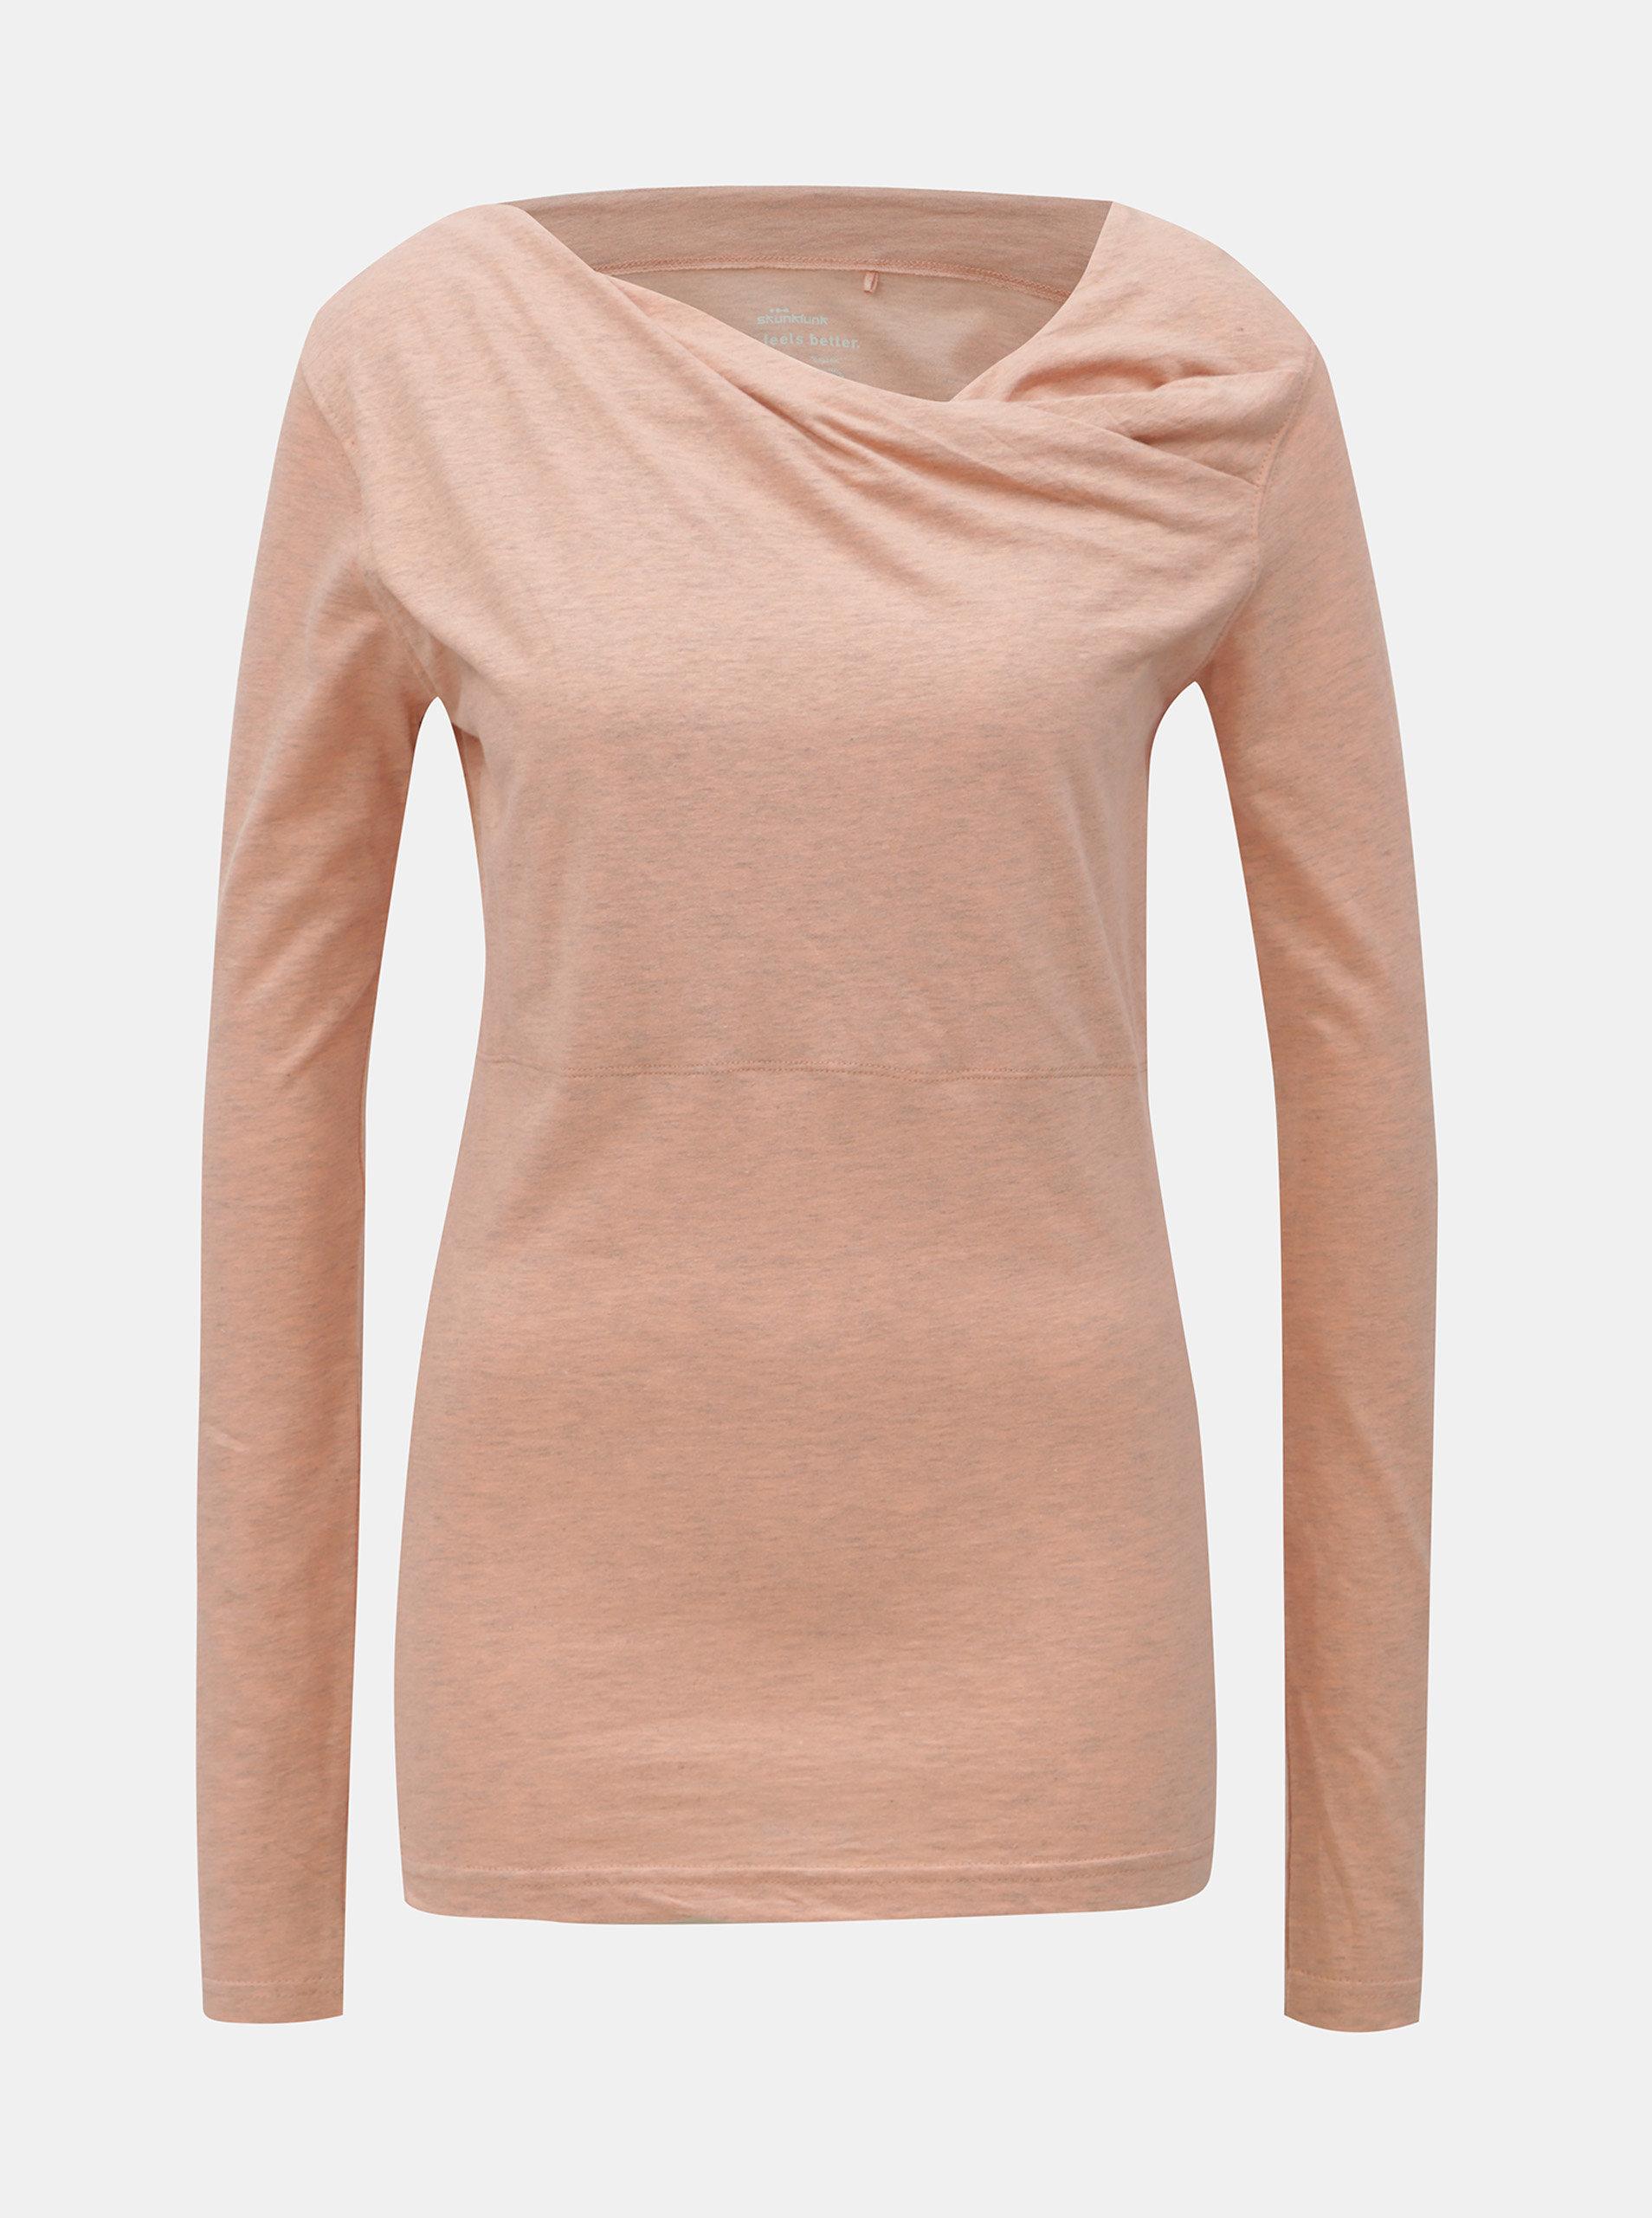 Světle růžové žíhané tričko s dlouhým rukávem SKFK Bi